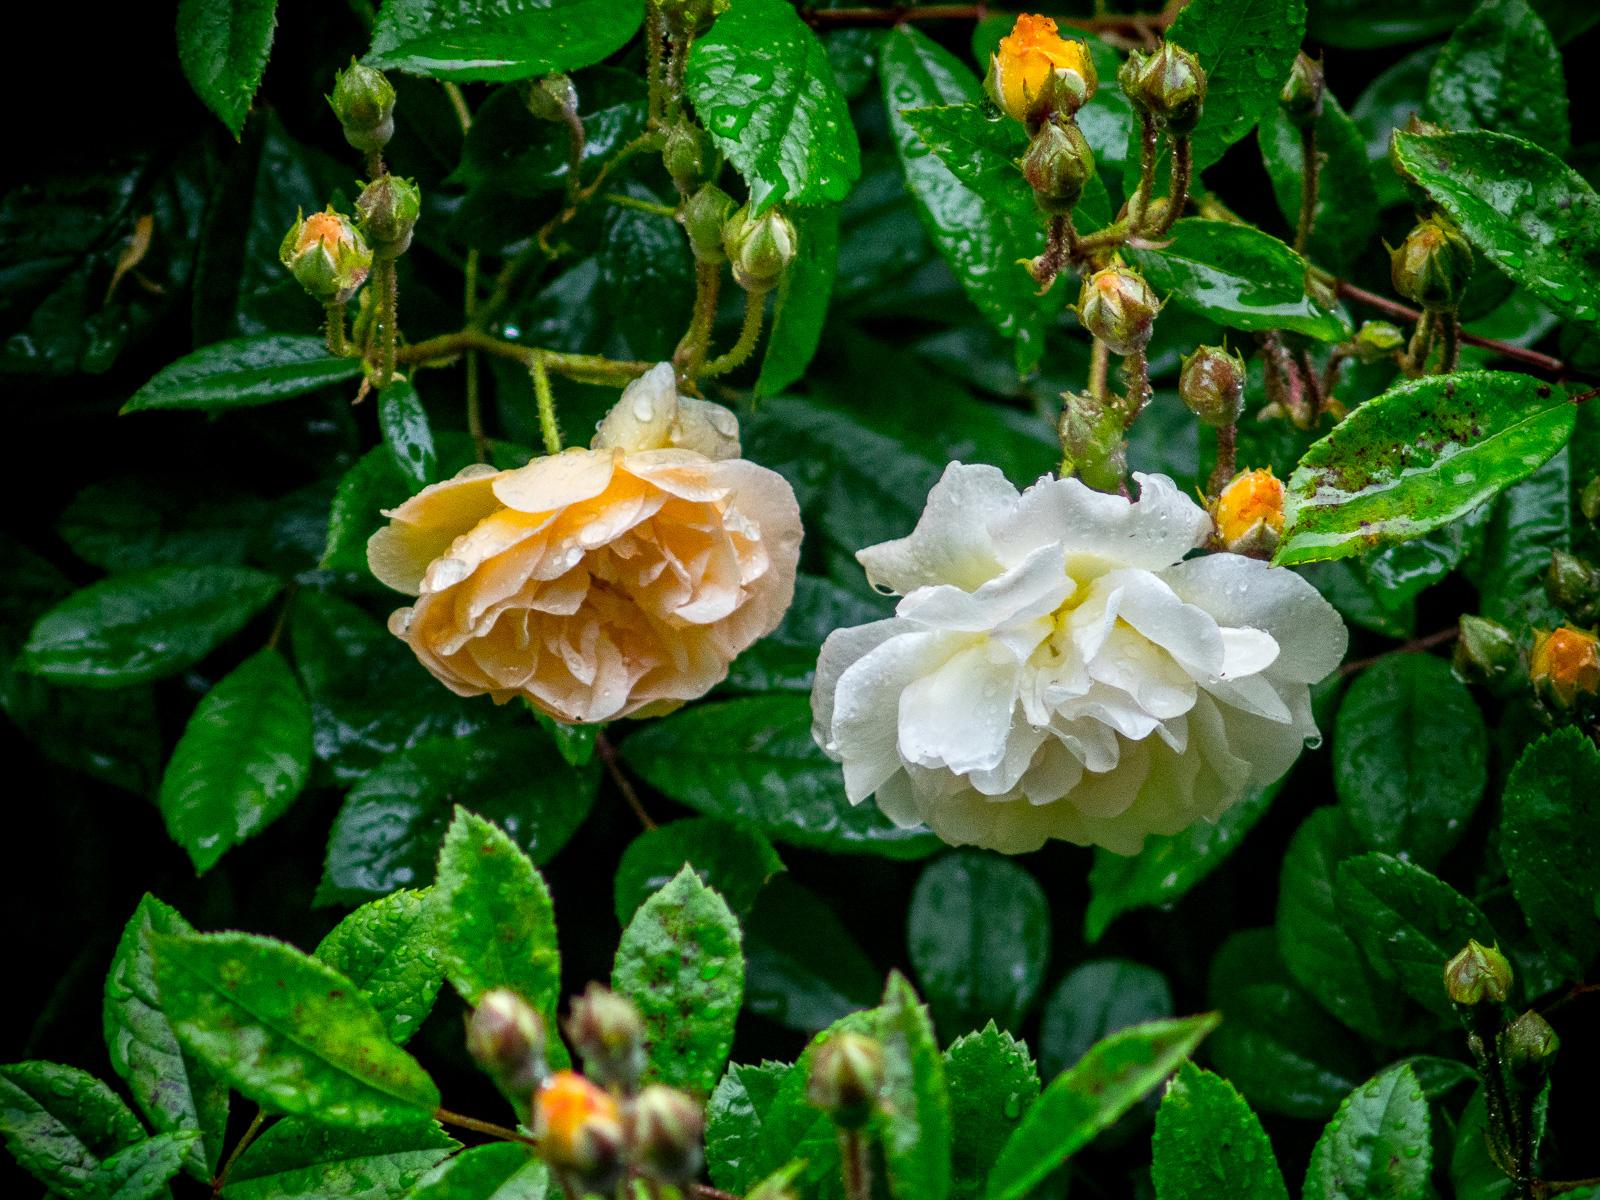 eine zart apricotfarbene und eine cremeweiße Blüte der Kletterrose Ghislaine de Féligonde